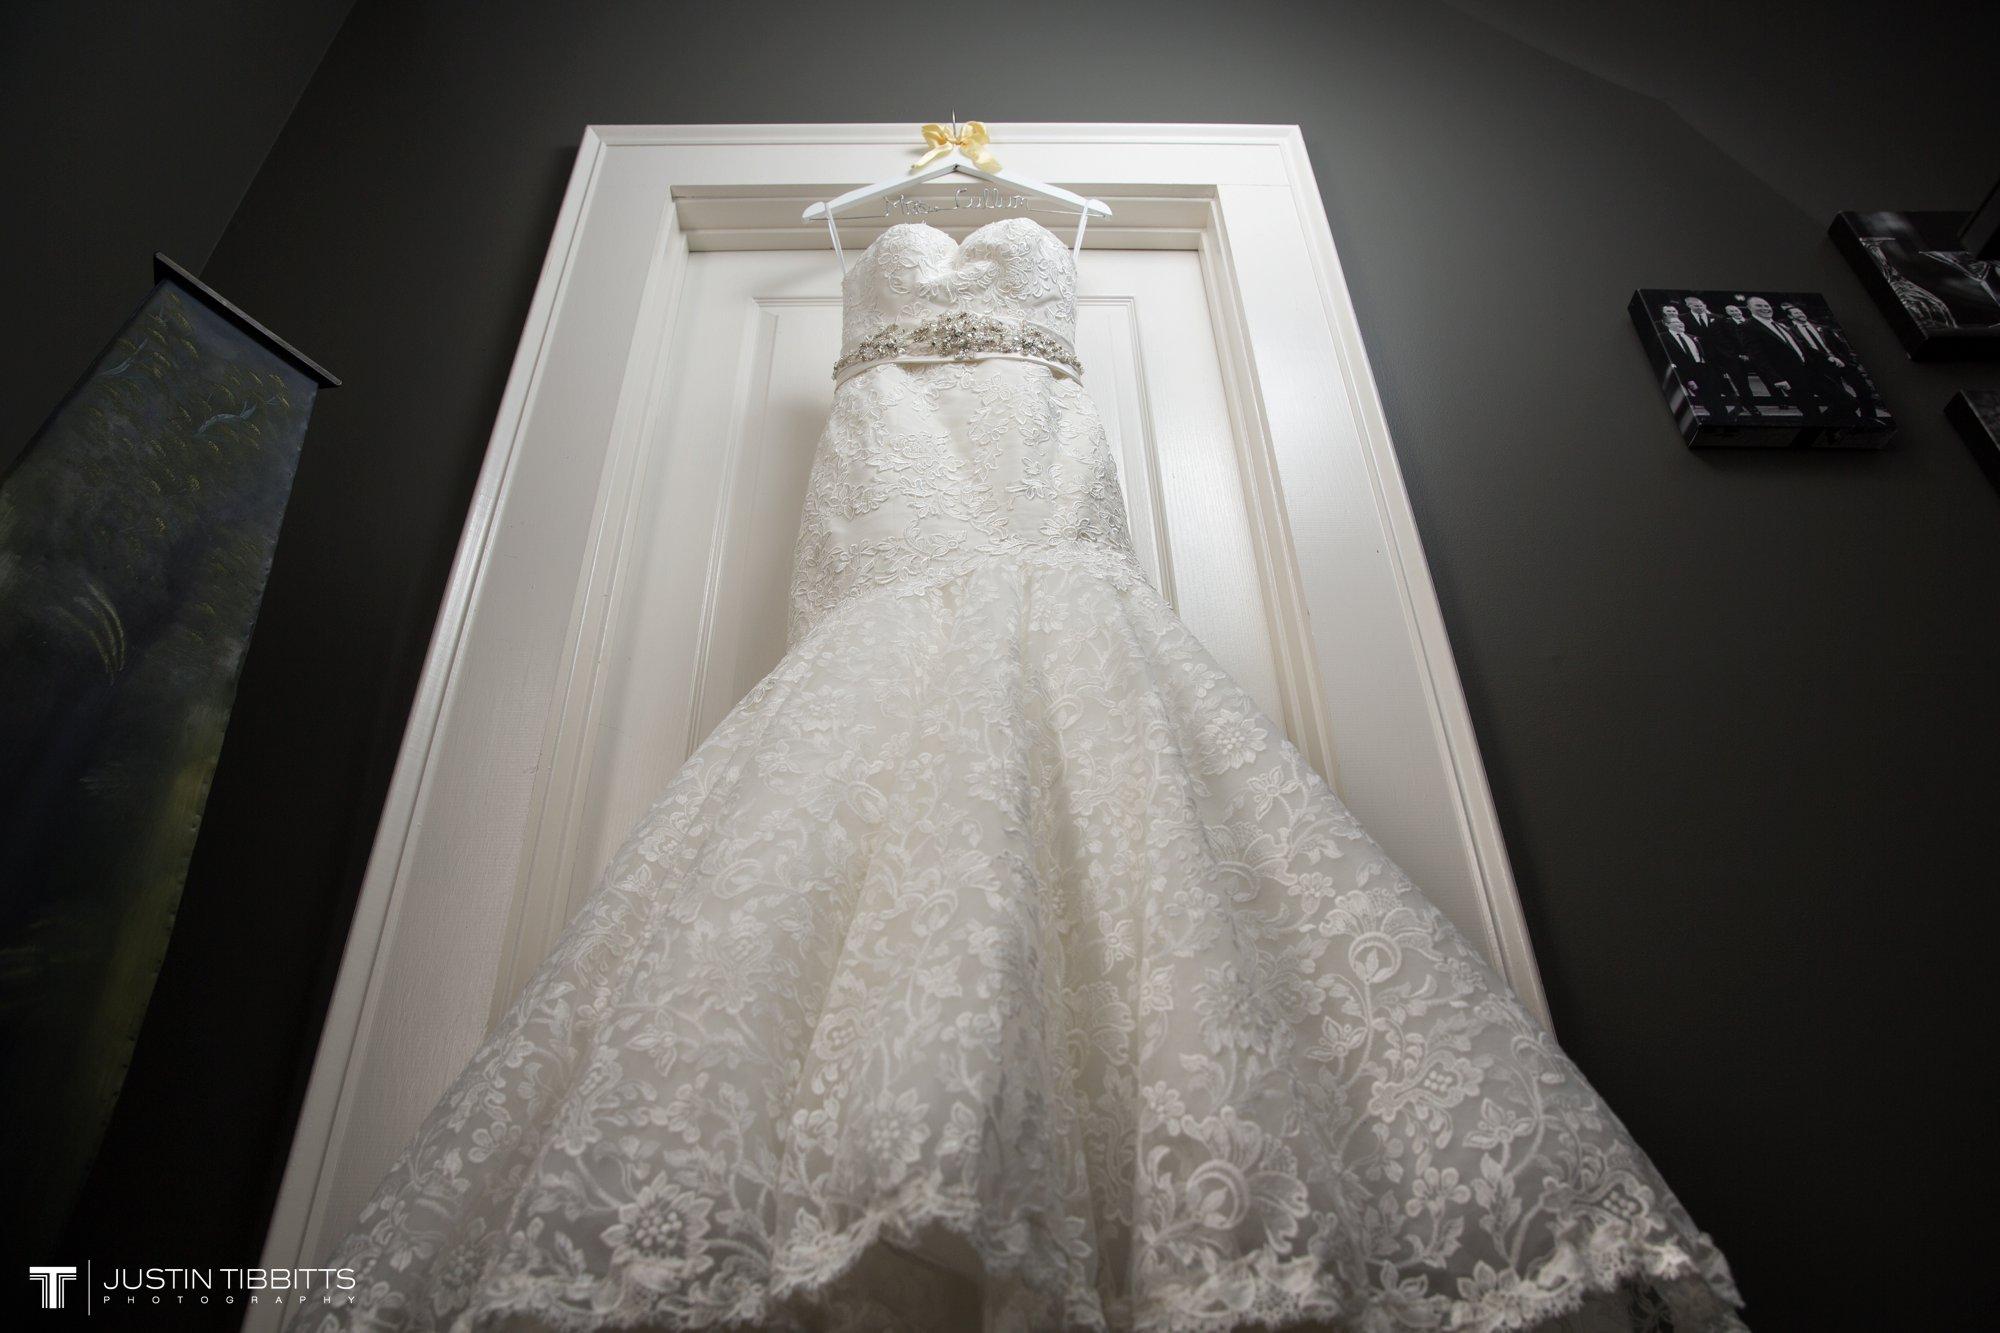 Albany NY Wedding Photographer Justin Tibbitts Photography 2014 Best of Albany NY Weddings-5486601066358